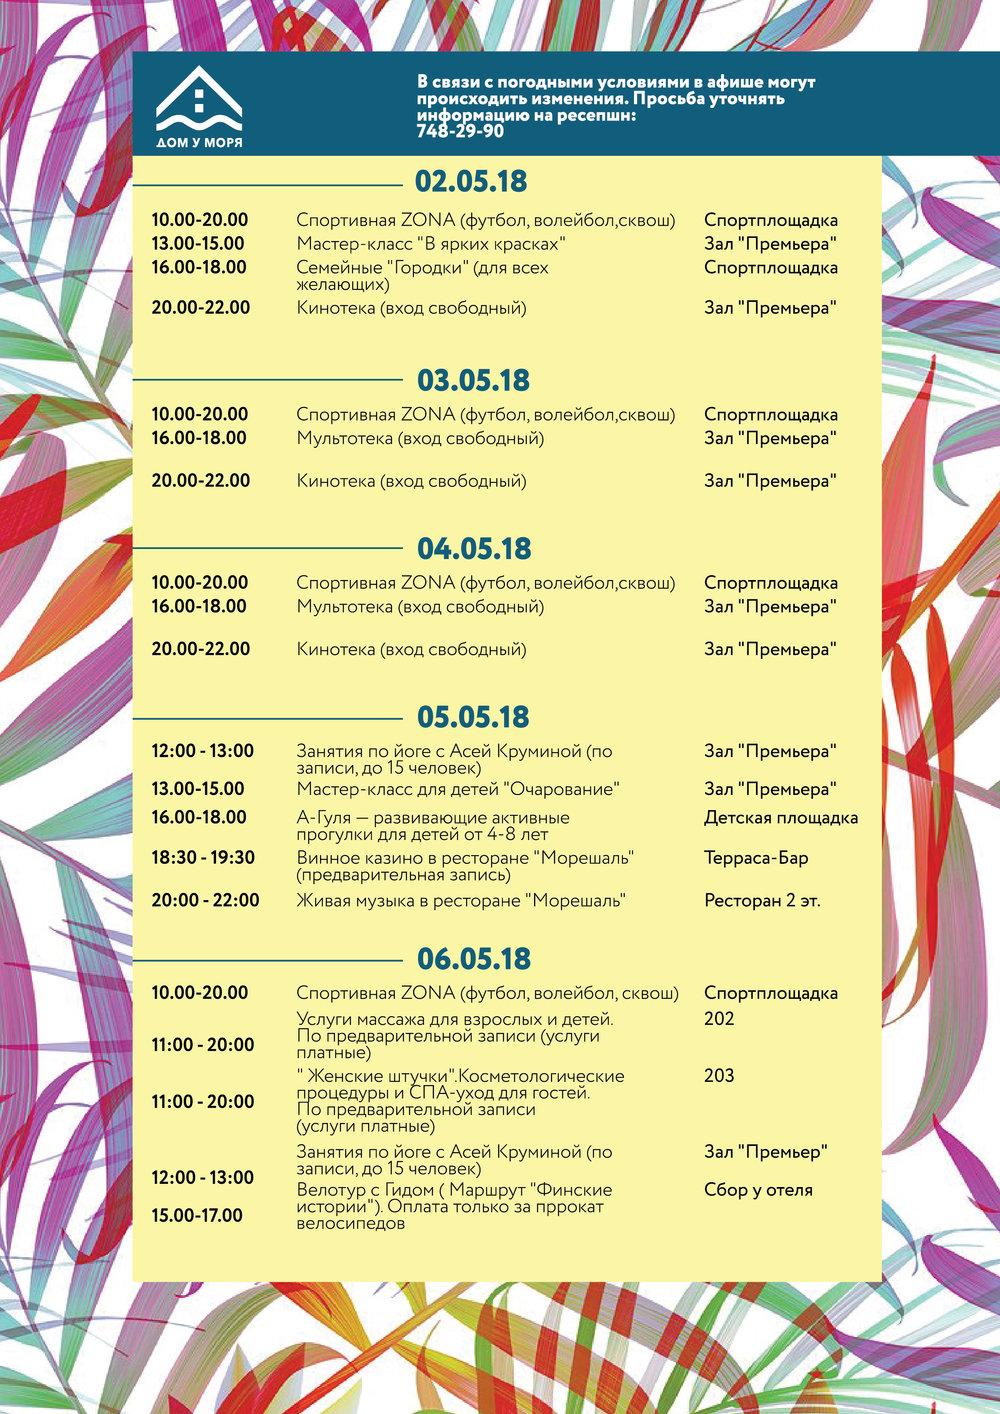 афиша_майские праздники_Монтажная область 1 копия.jpg